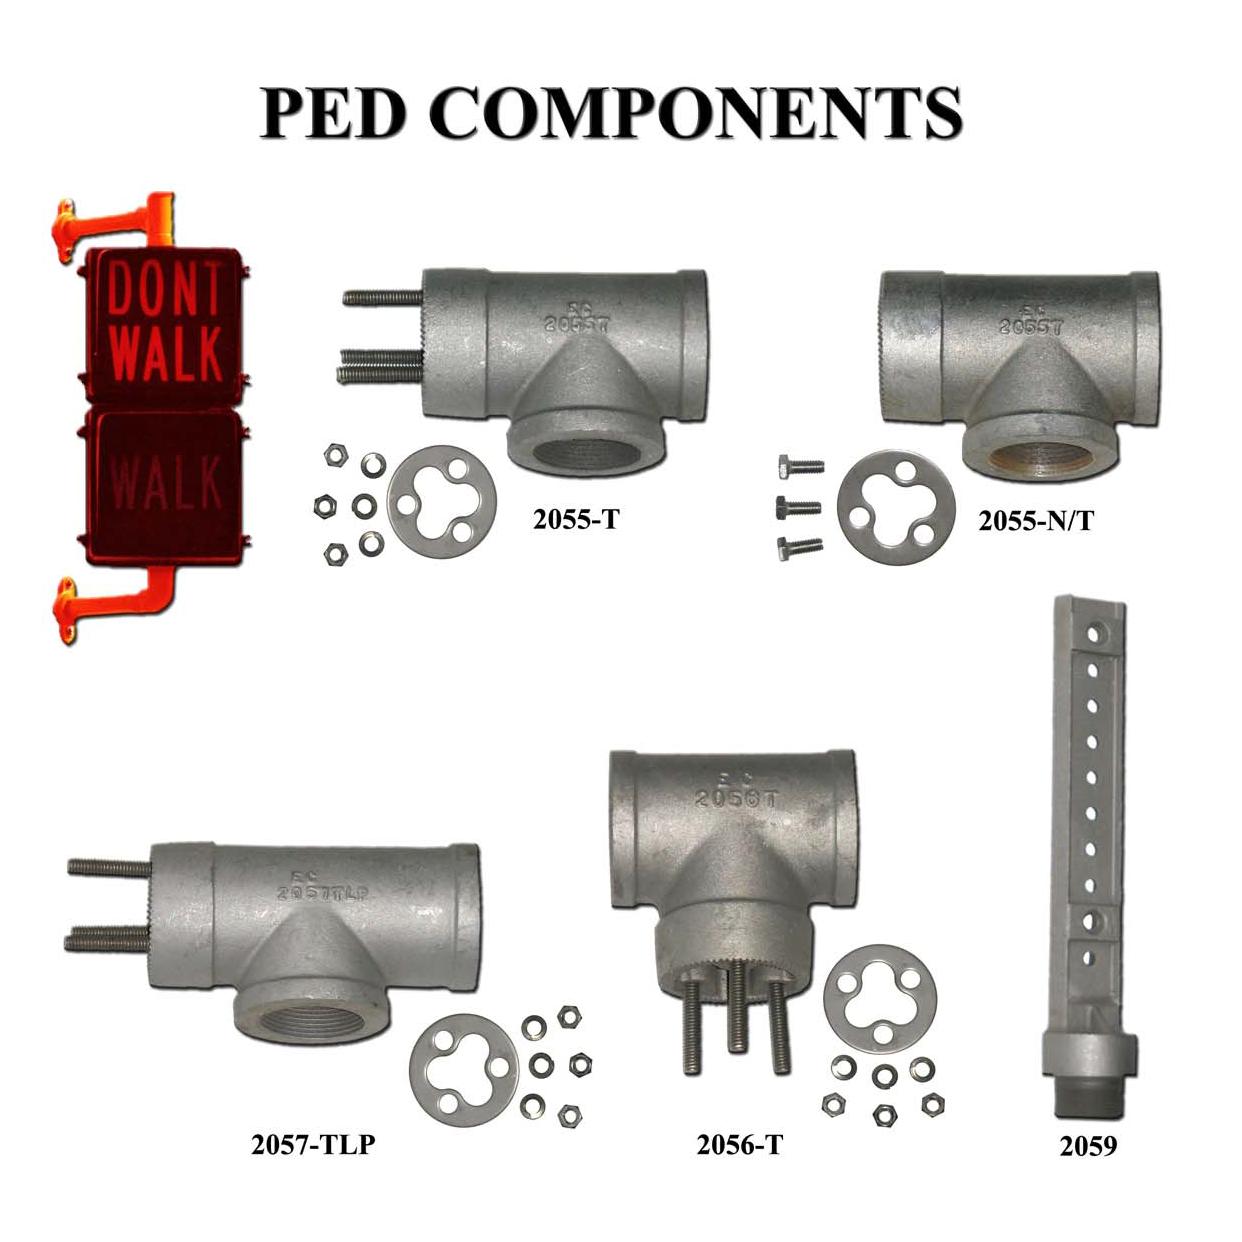 Pedestrian Signals & Accessories